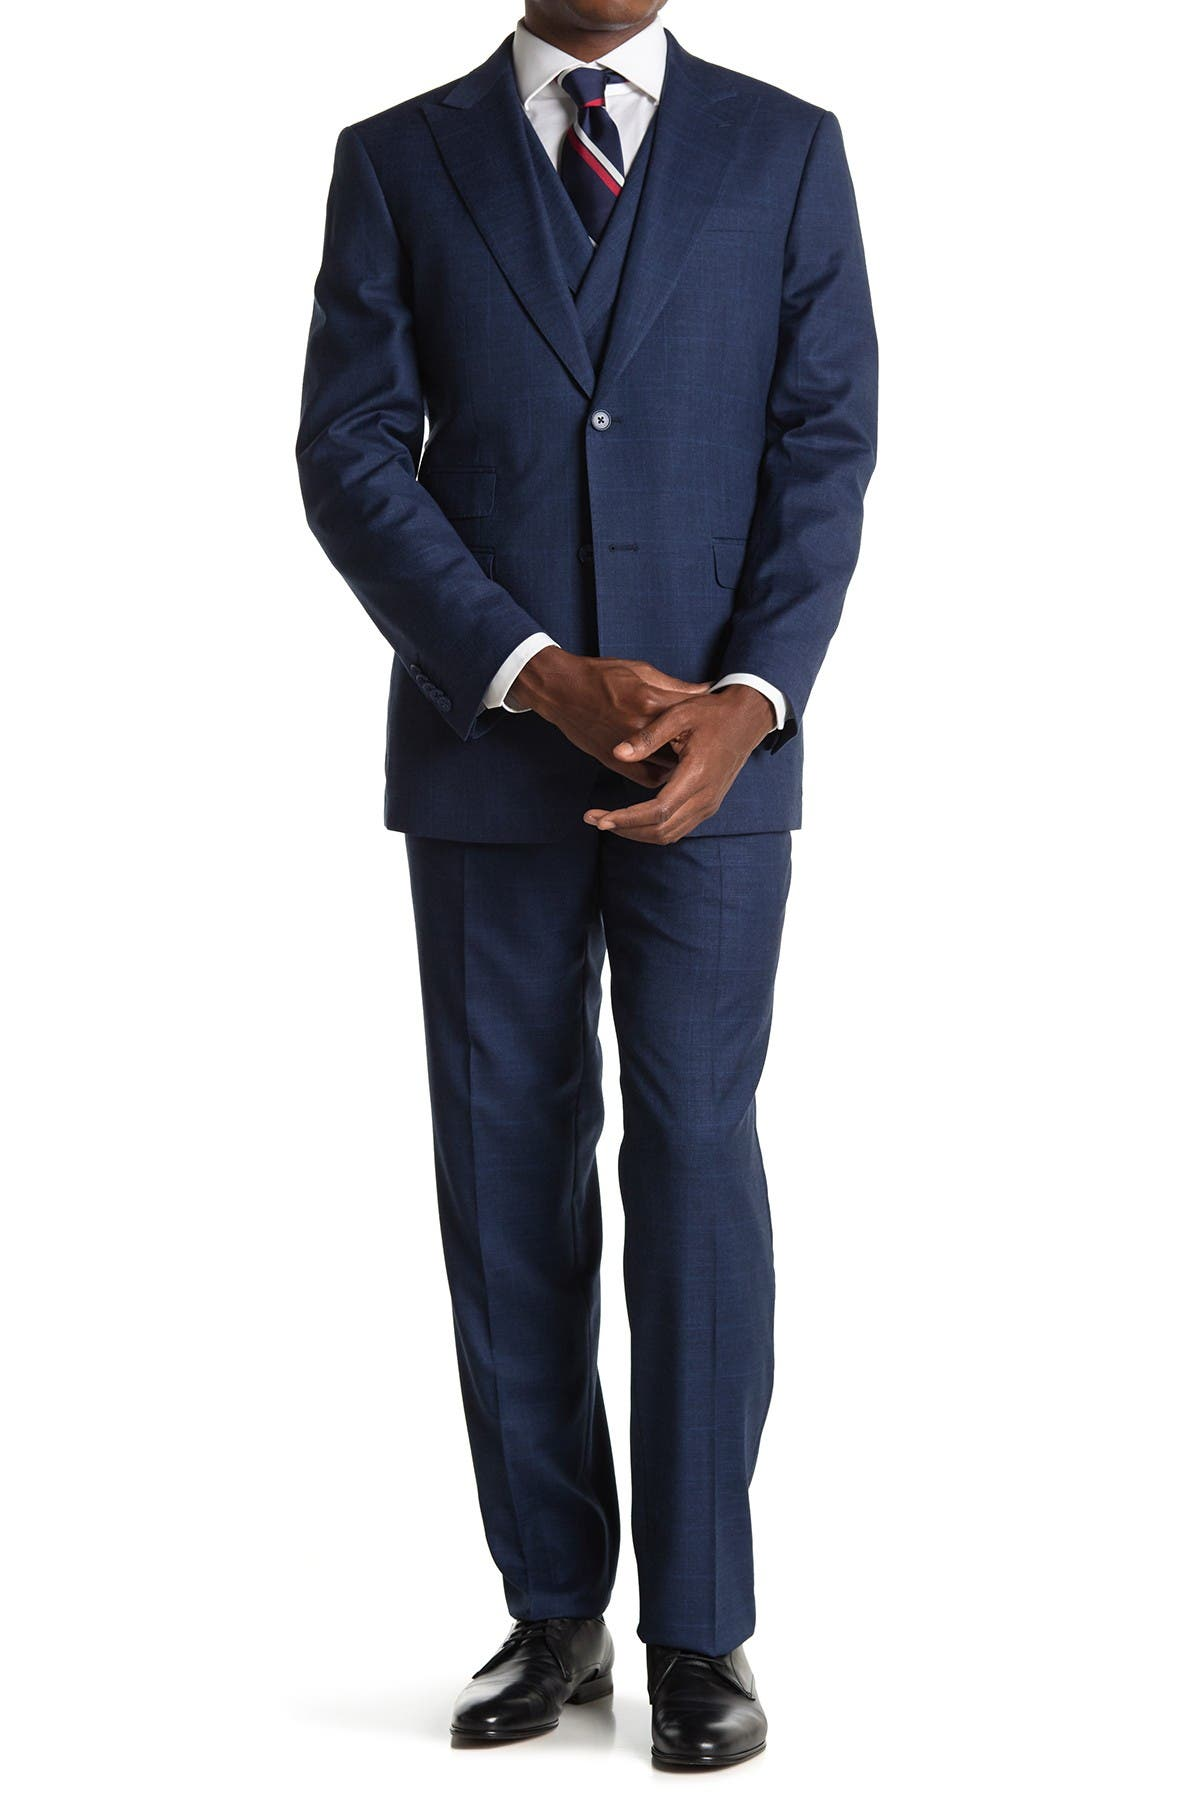 Image of English Laundry Blue Plaid Two Button Peak Lapel Vest Suit